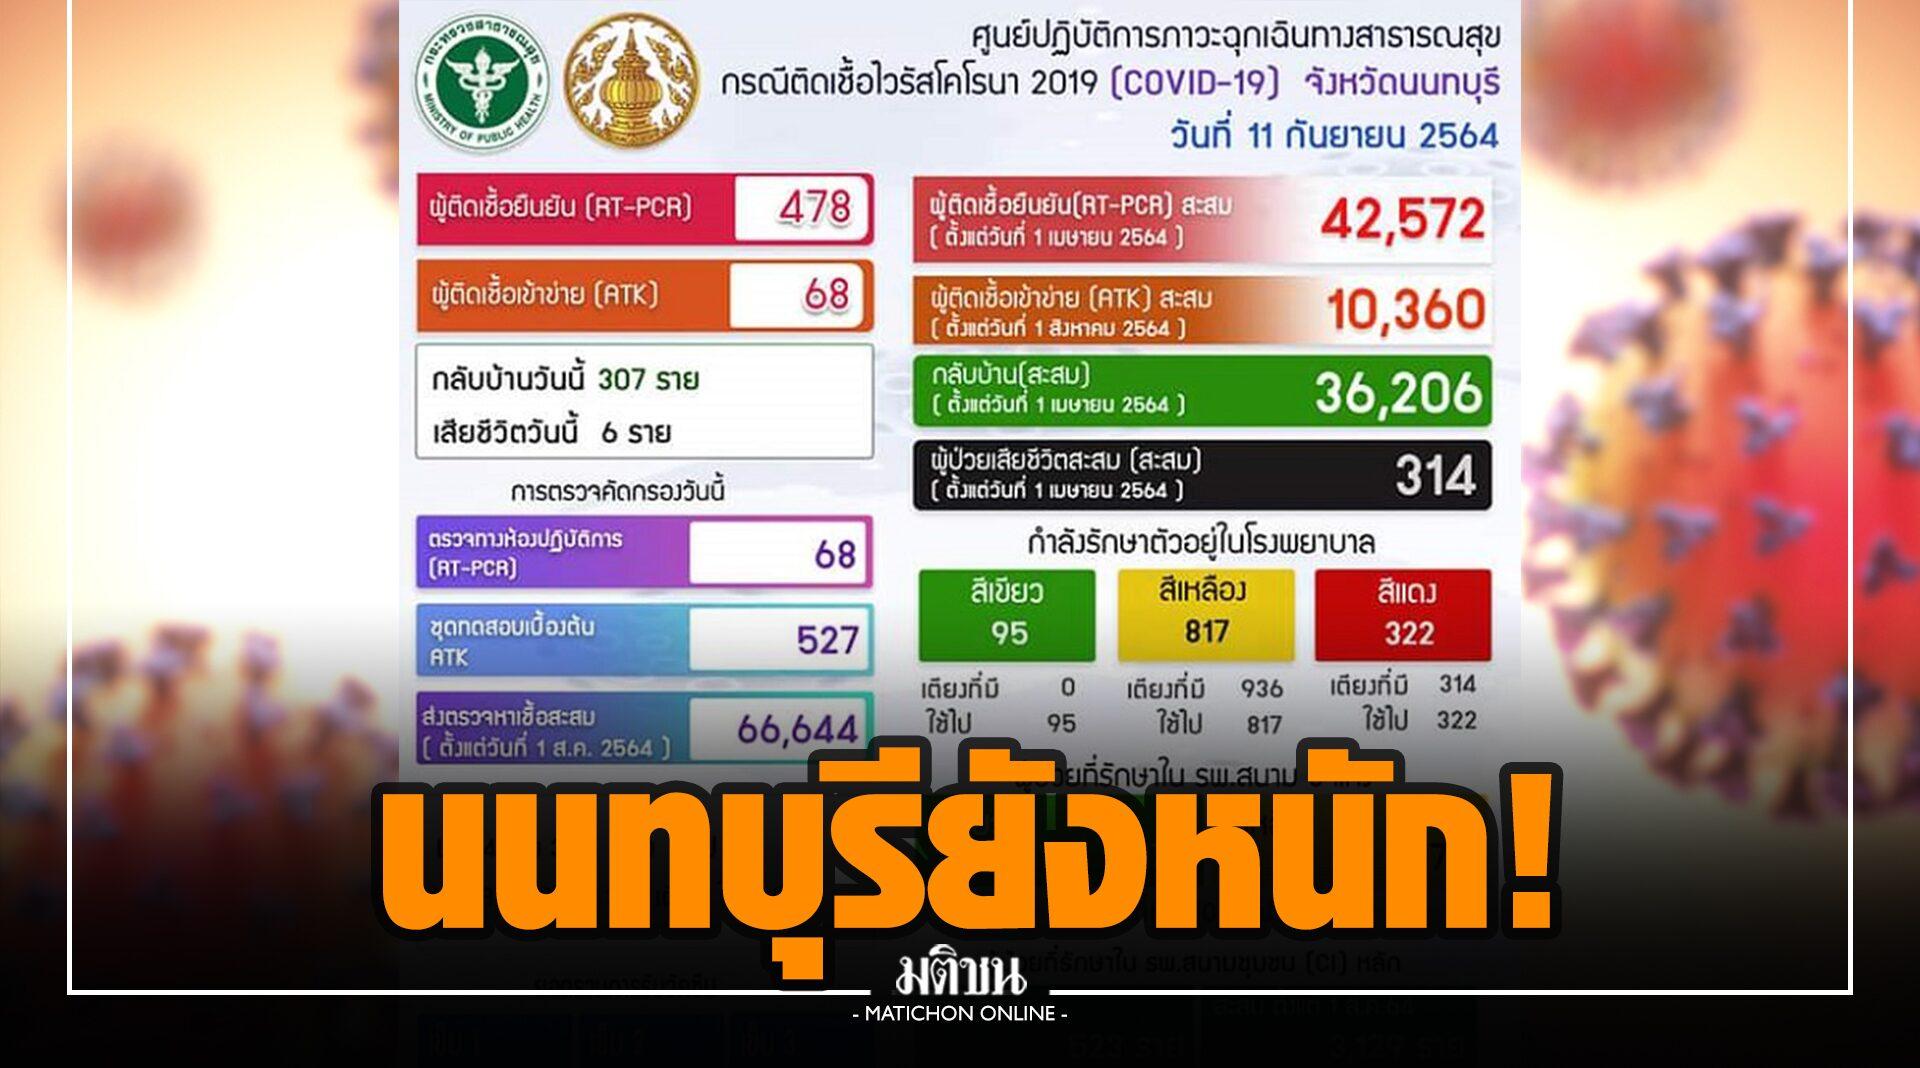 นนทบุรียังหนัก! พบติดเชื้อเพิ่ม 478 ราย เสียชีวิต 6 ราย ฉีดวัคซีนแล้ว 822,359 คน